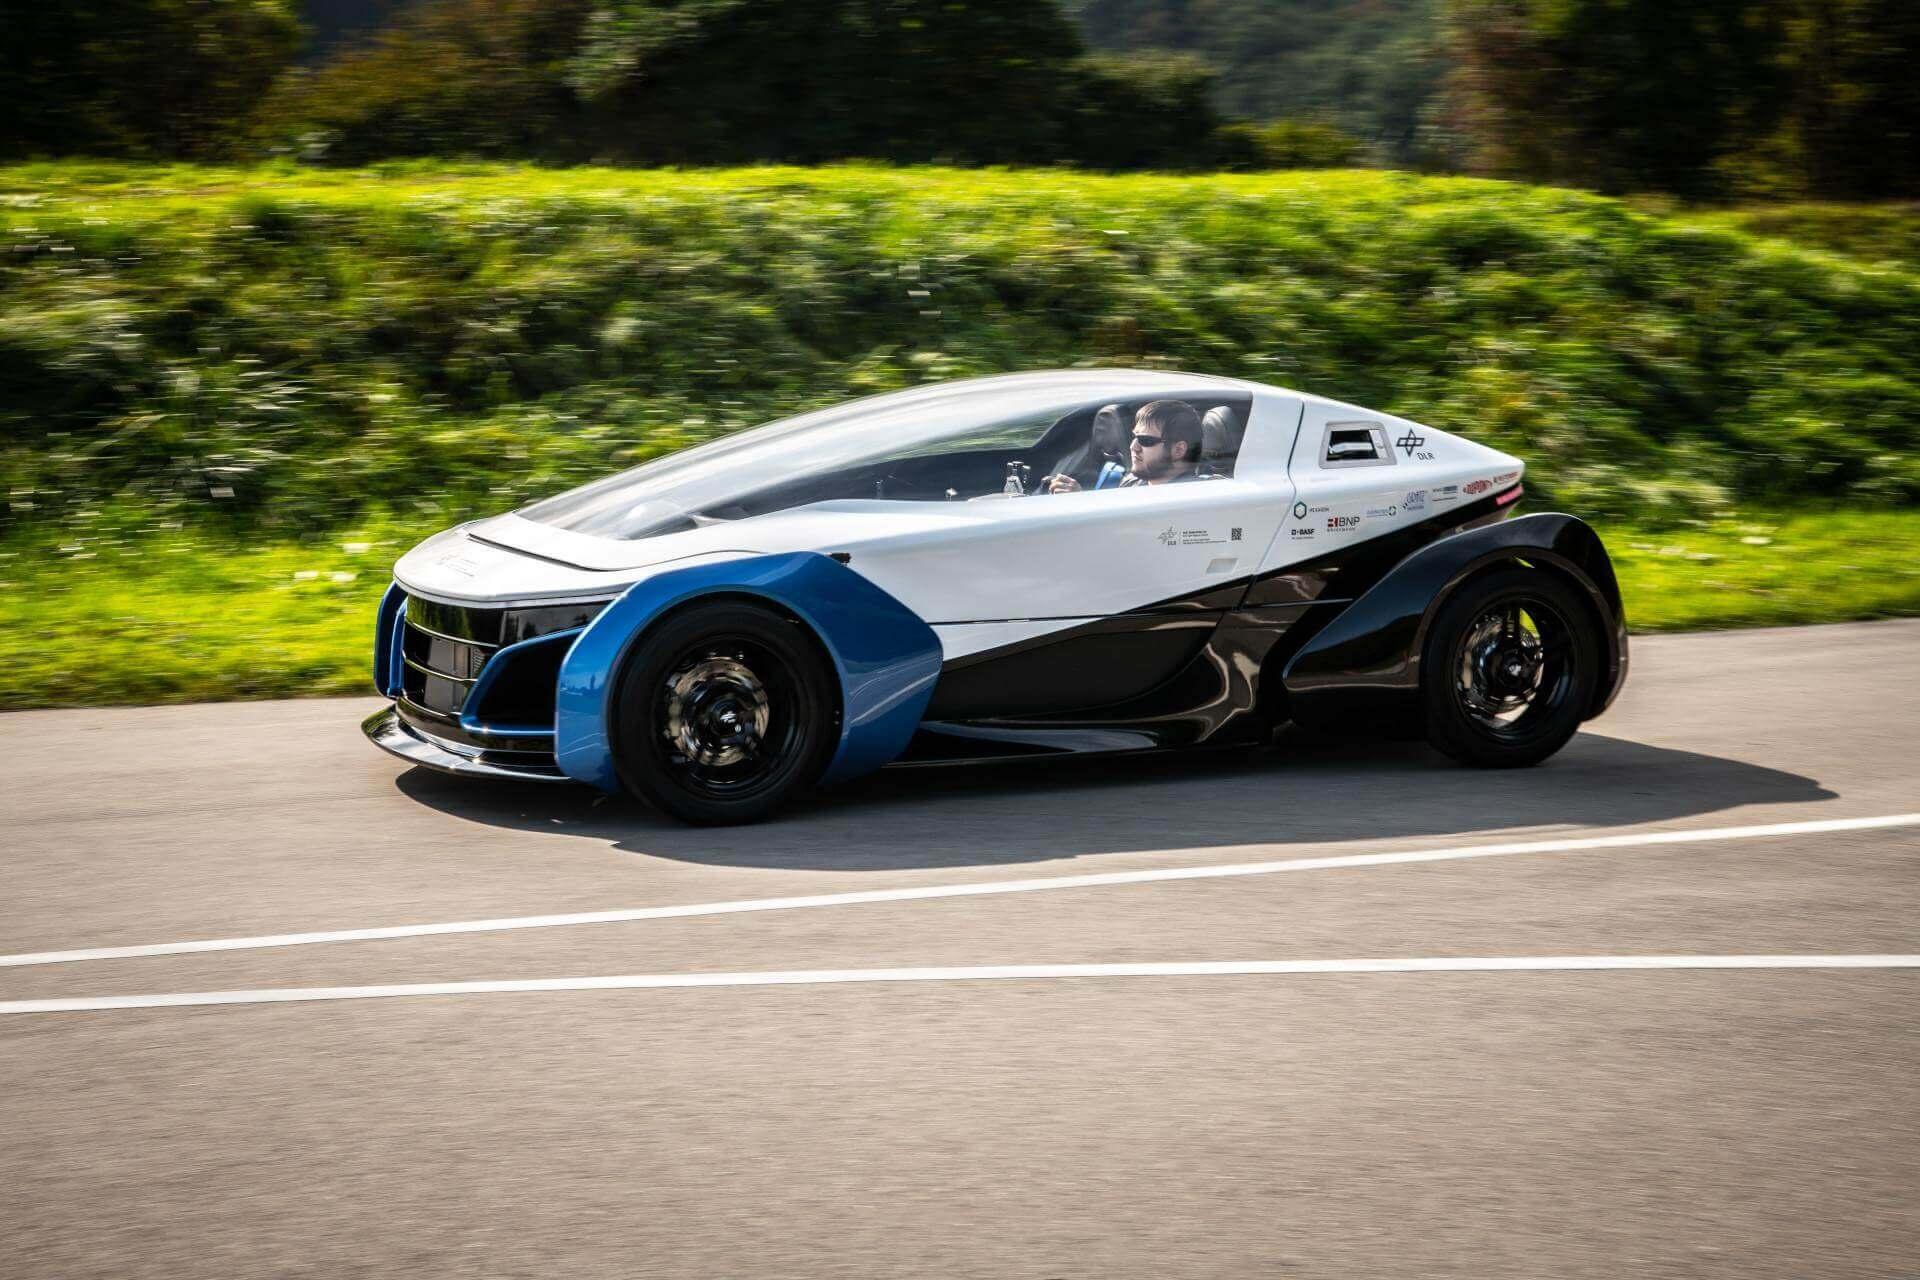 Немецкий аэрокосмический центр представил водородный автомобиль SLRV